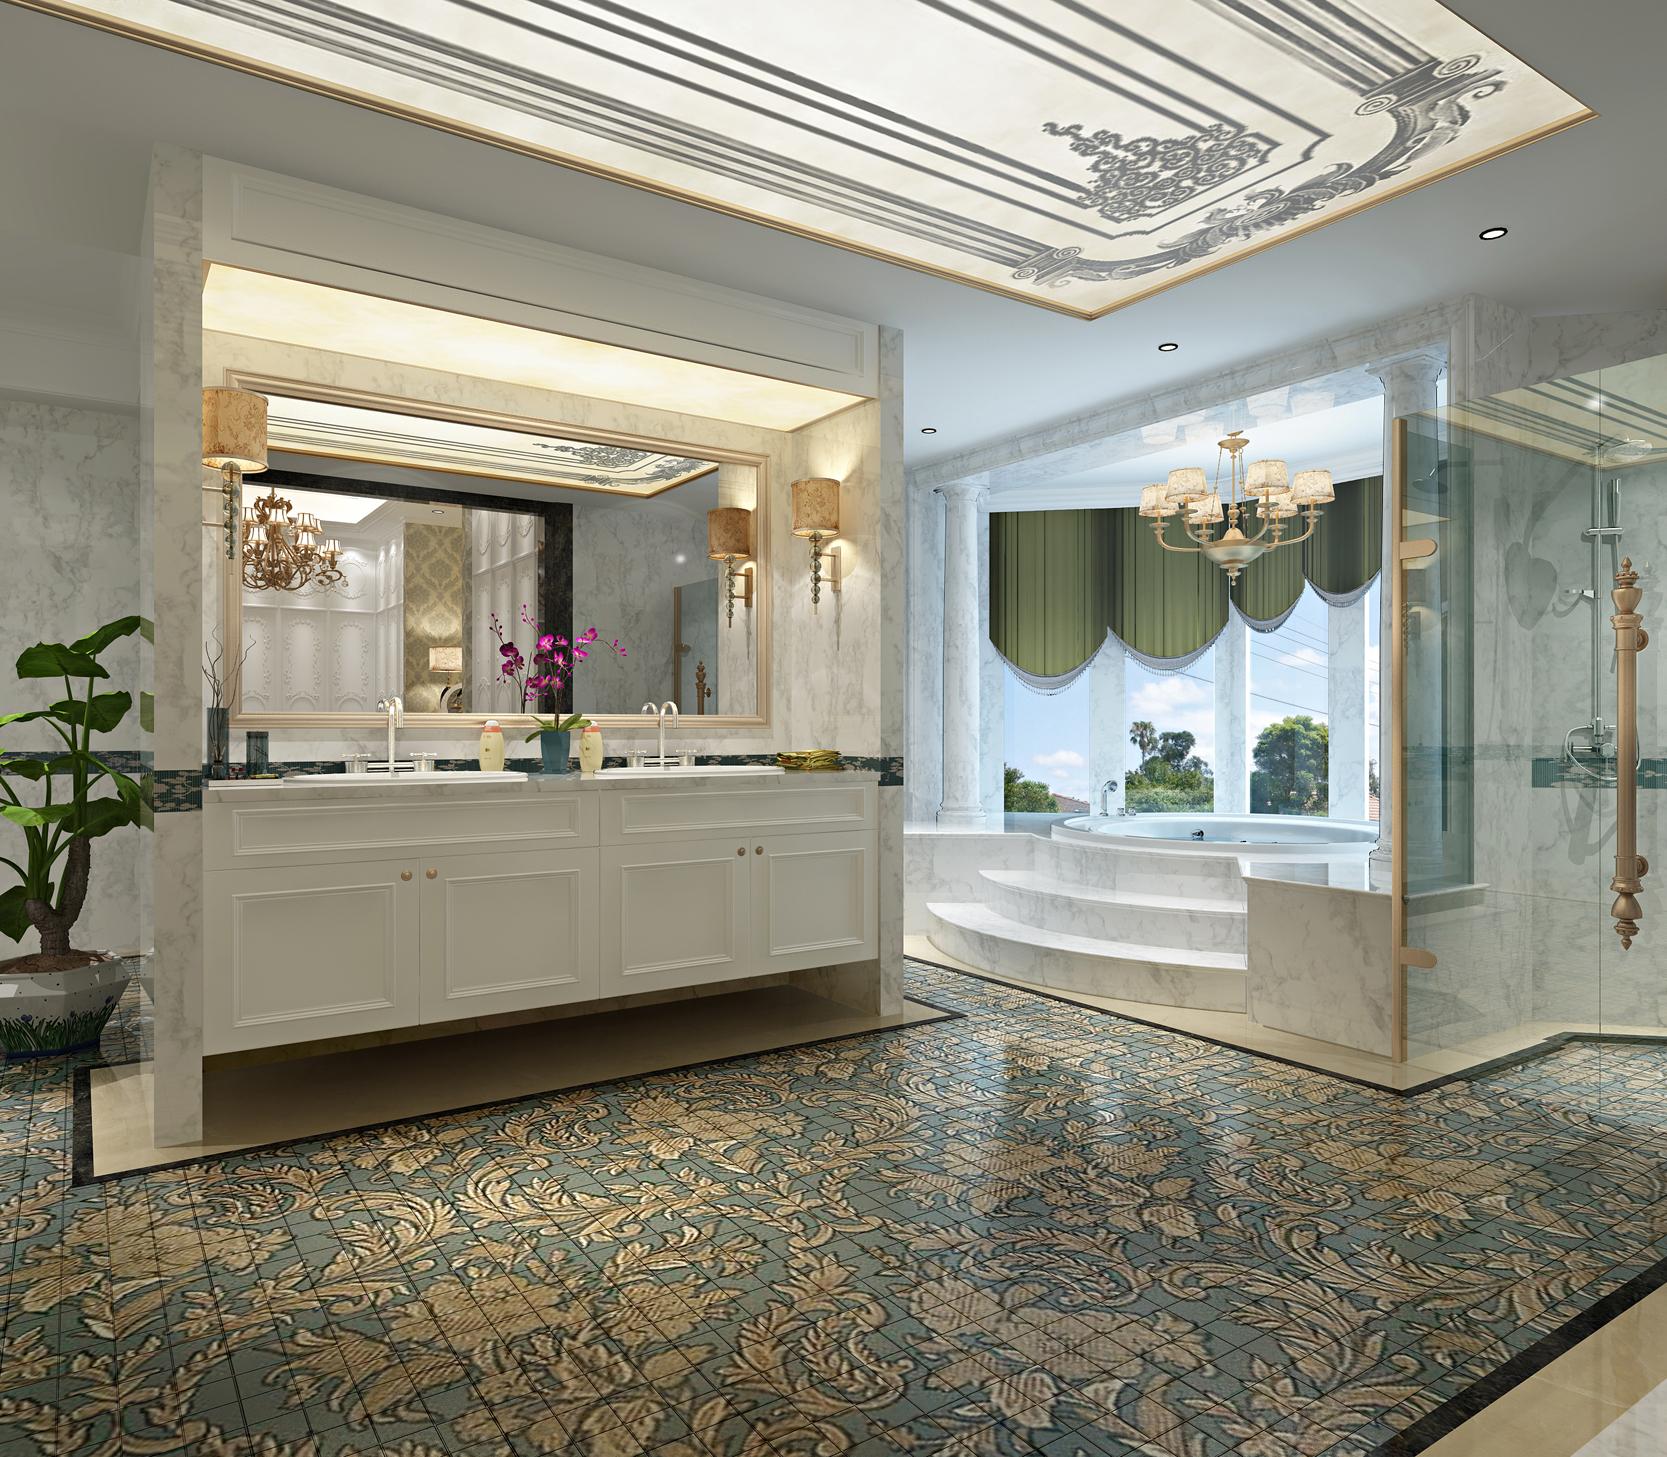 法式风格 原创国际 品质墅装 全案设计 卫生间图片来自原创国际别墅装饰在海兰云天的分享